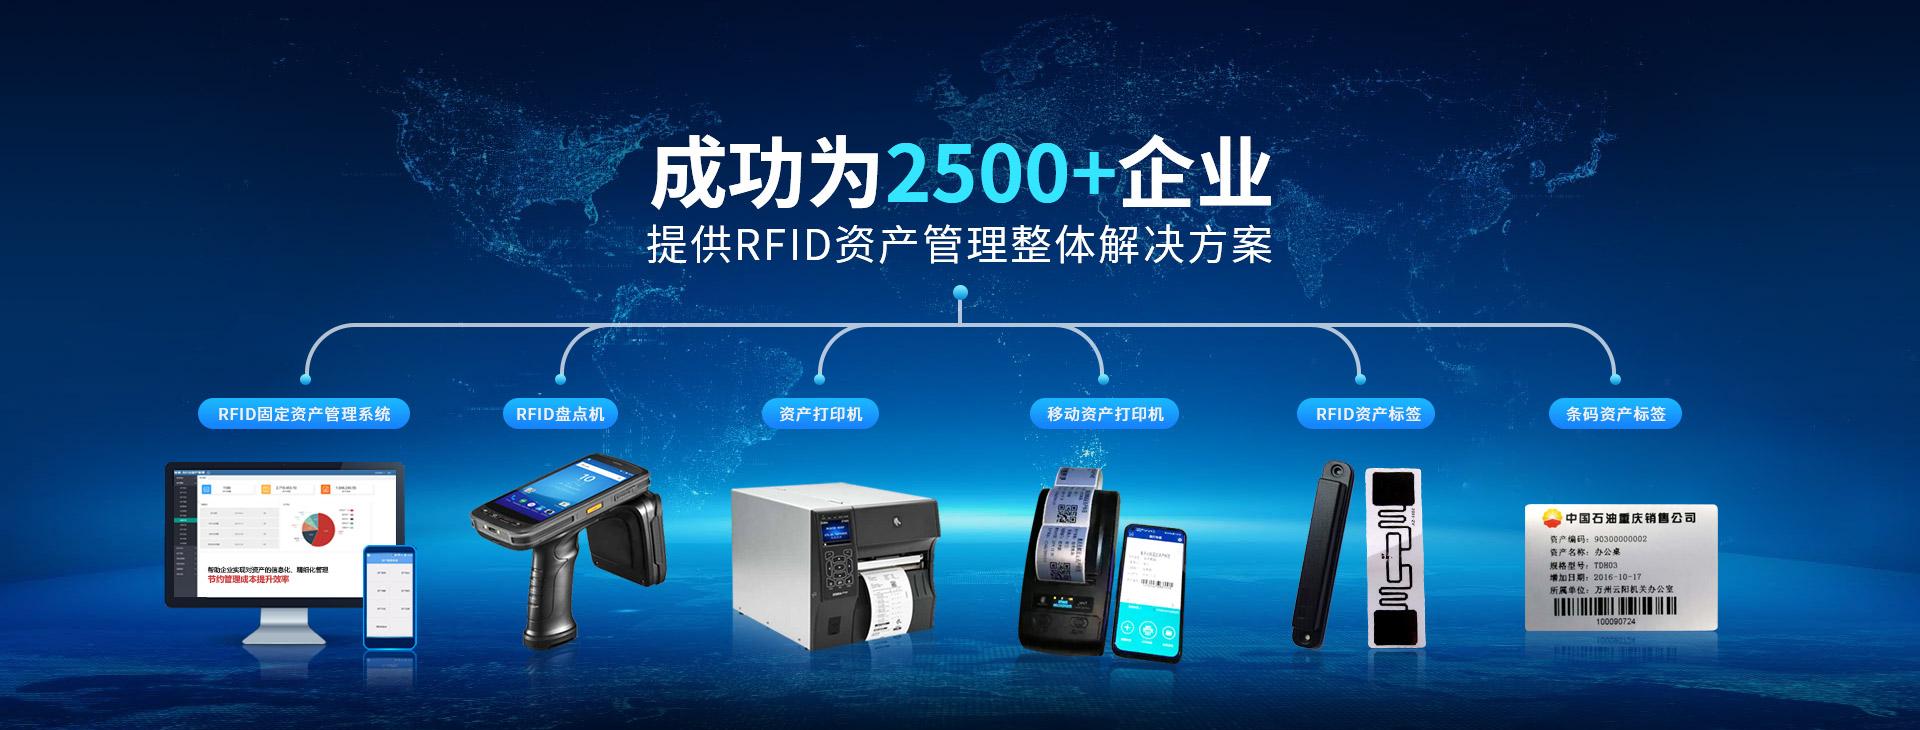 兆麟成功为2500+企业提供RFID资产管理整体解决方案